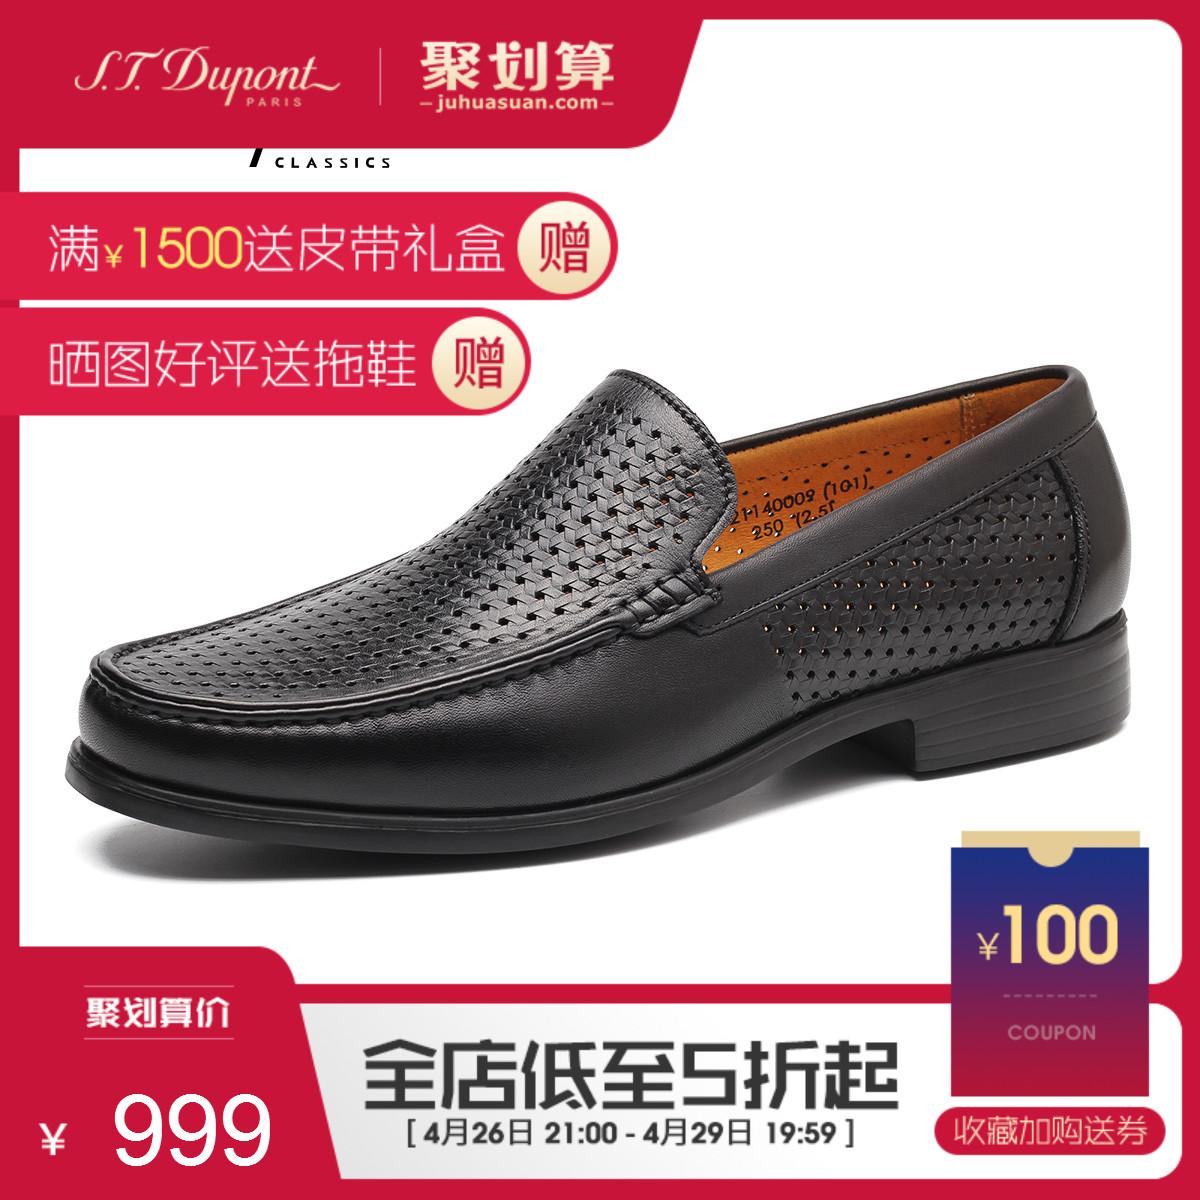 S.T. Dupont/都彭镂空透气舒适皮鞋套脚休闲商务男鞋G21140009